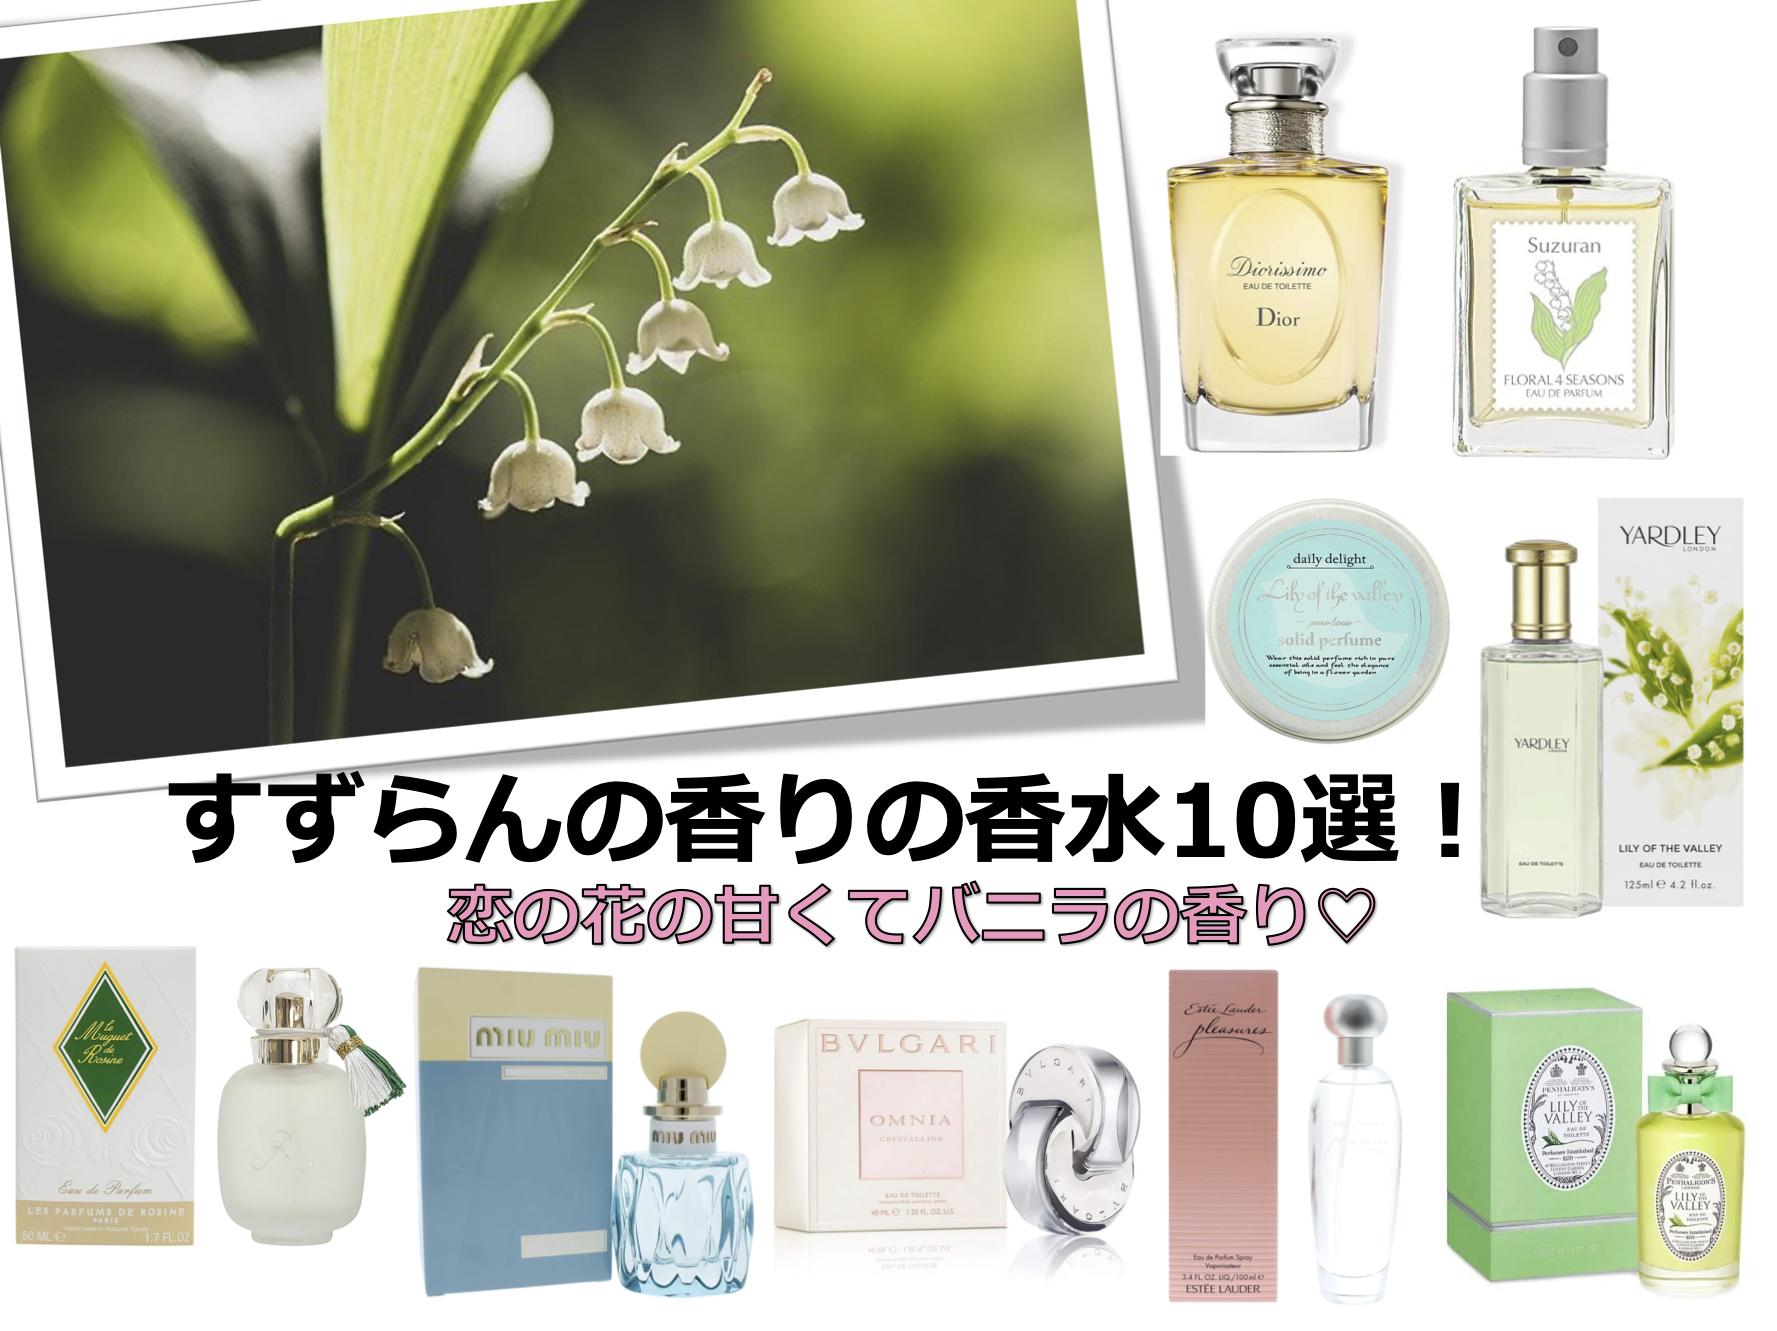 すずらんの香りの香水10選!優しいフローラルは落ち込んでる時におすすめ アイキャッチ画像